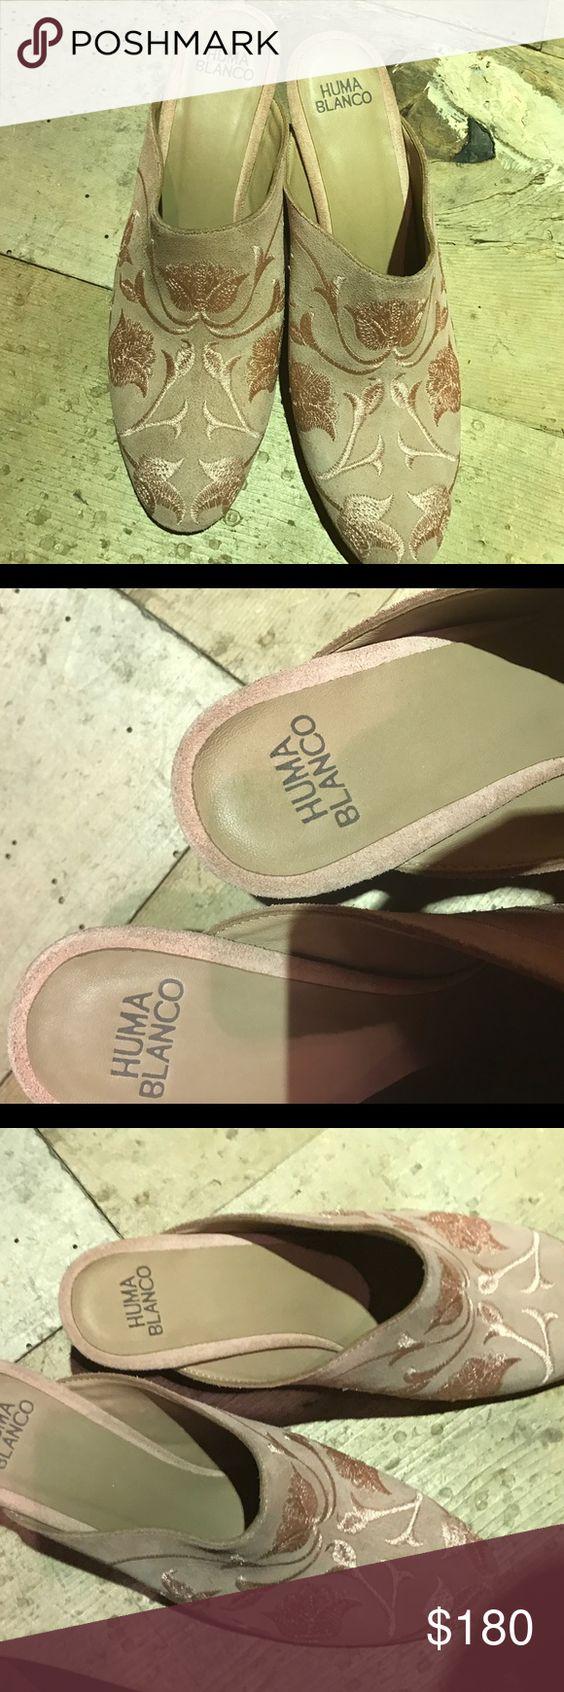 Size 9 anthropology shoes Anthropology shoes Anthropologie Shoes Mules & Clogs